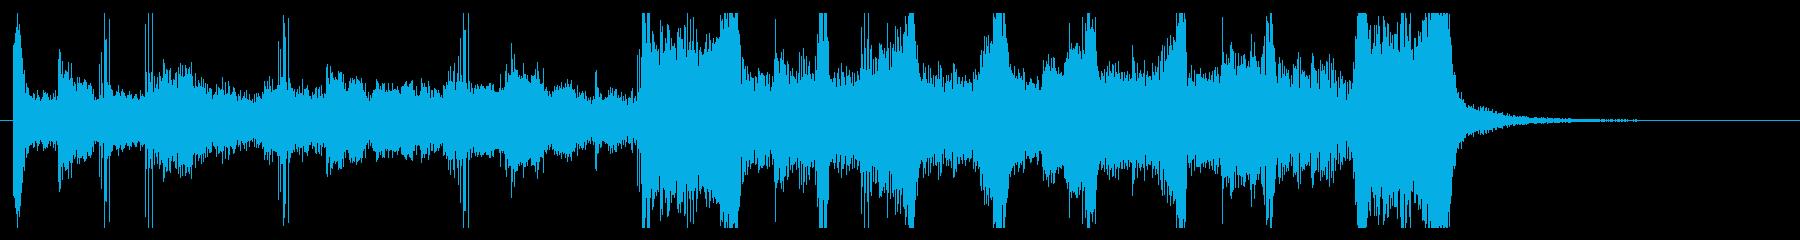 シンセポップ ジングル ラジオテレビCMの再生済みの波形